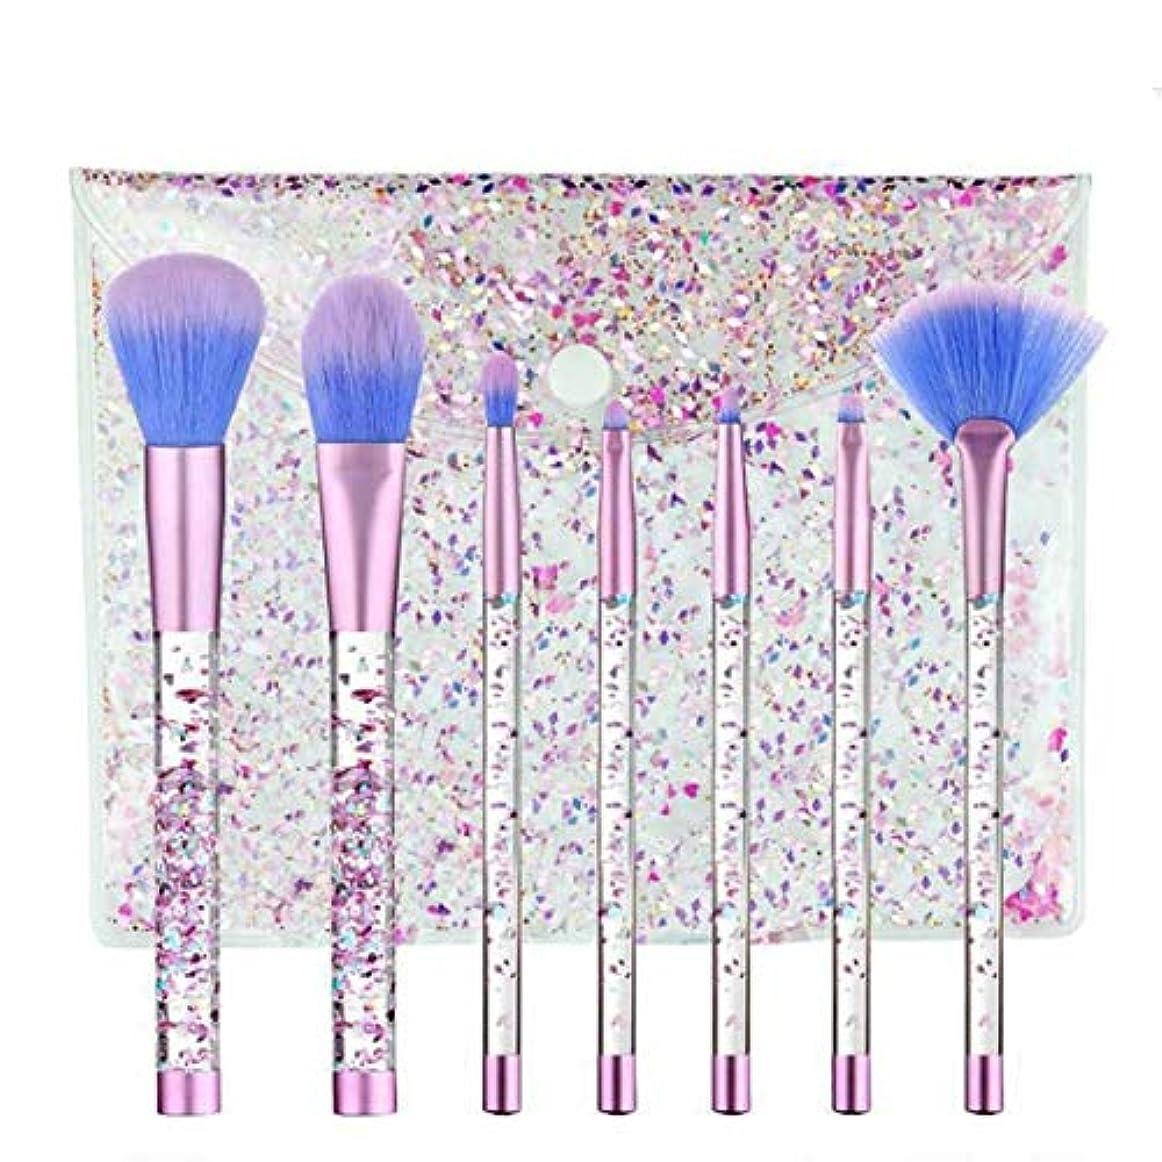 充電喉が渇いたそよ風Makeup brushes アクリルハンドル、ナイロンヘア、クリスタルポーチ、7パック液晶クリスタル化粧ブラシセット流砂グリッター化粧ブラシセット suits (Color : Blue Purple)